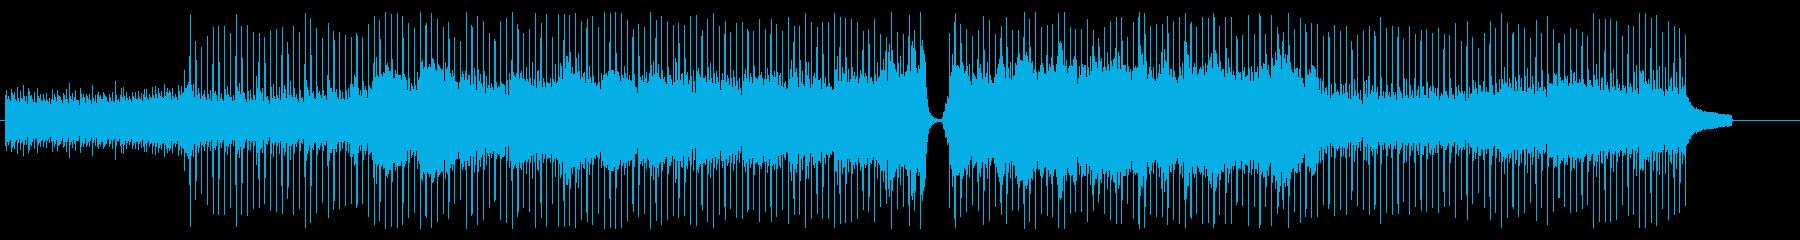 爽やかなピアノ・バイオリン・ポップの再生済みの波形